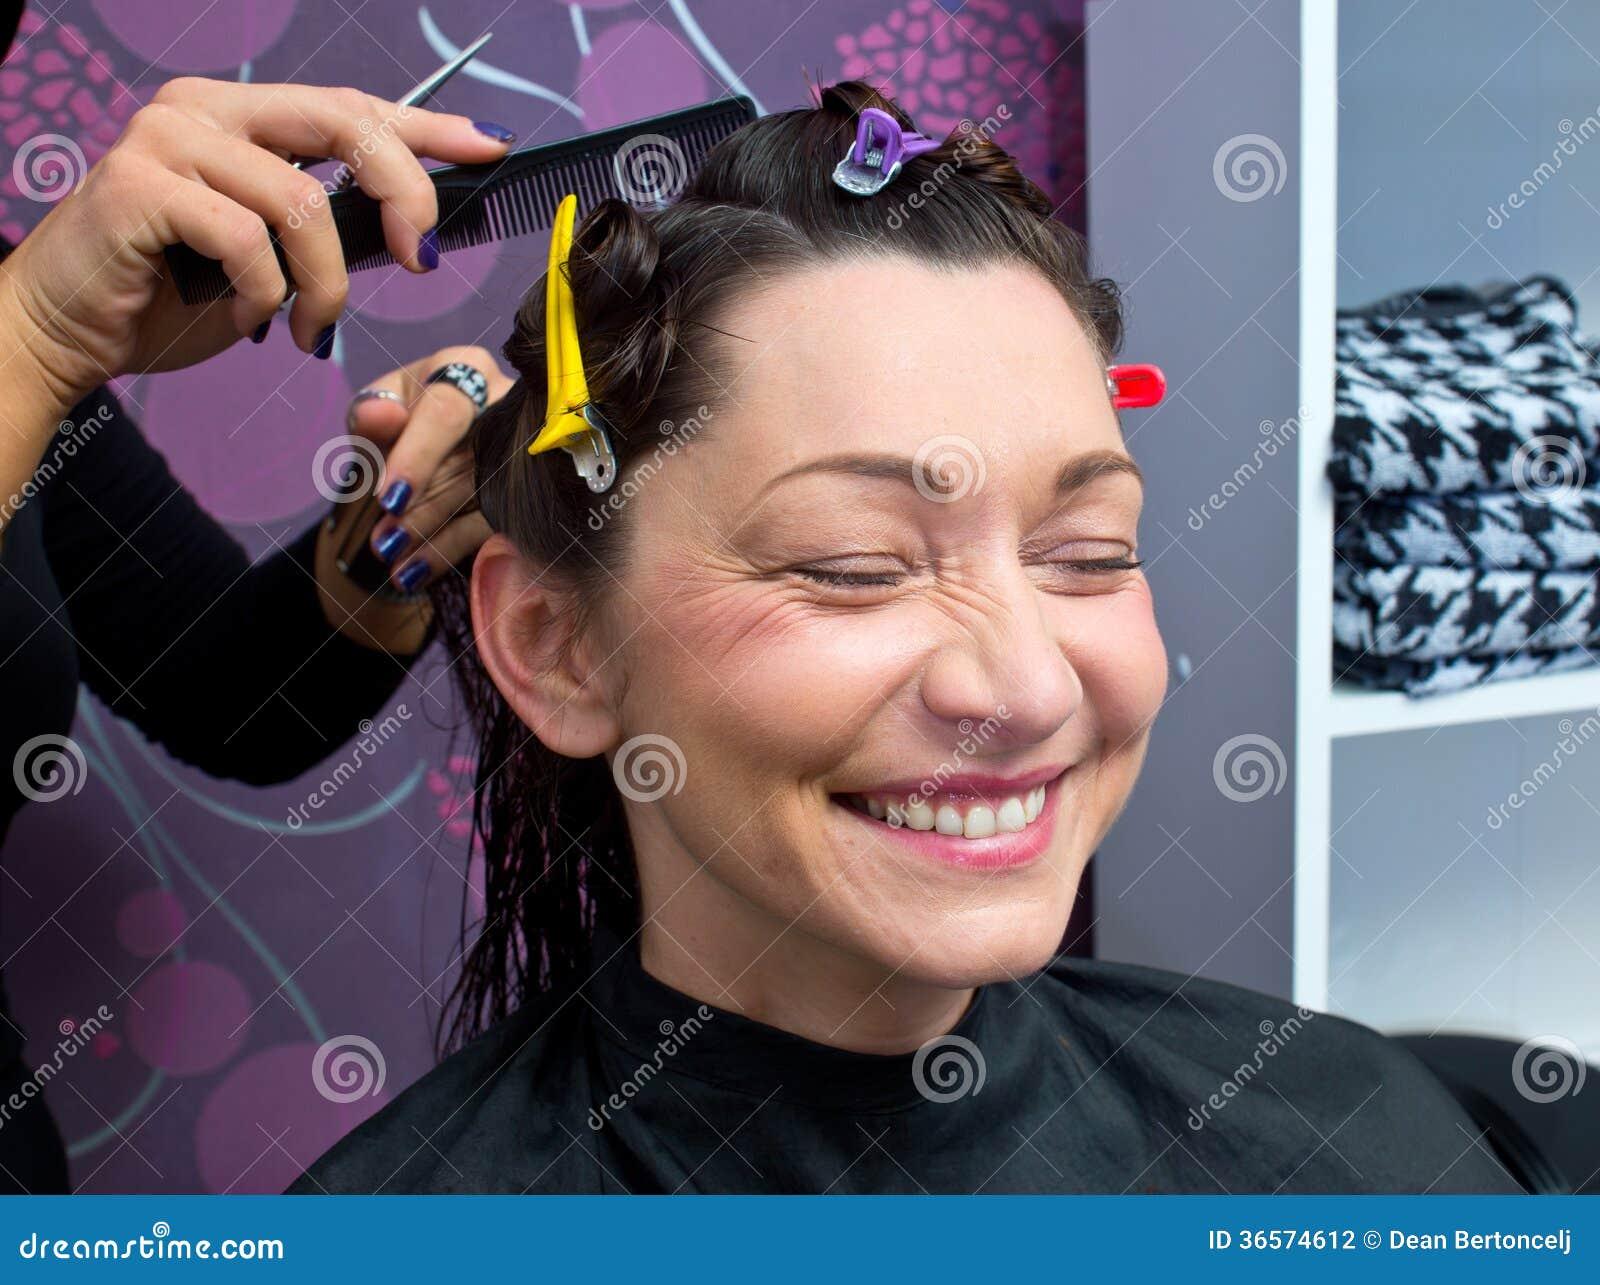 Reife Frau Die Neuen Haarschnitt Macht Stockfoto Bild Von Kopf